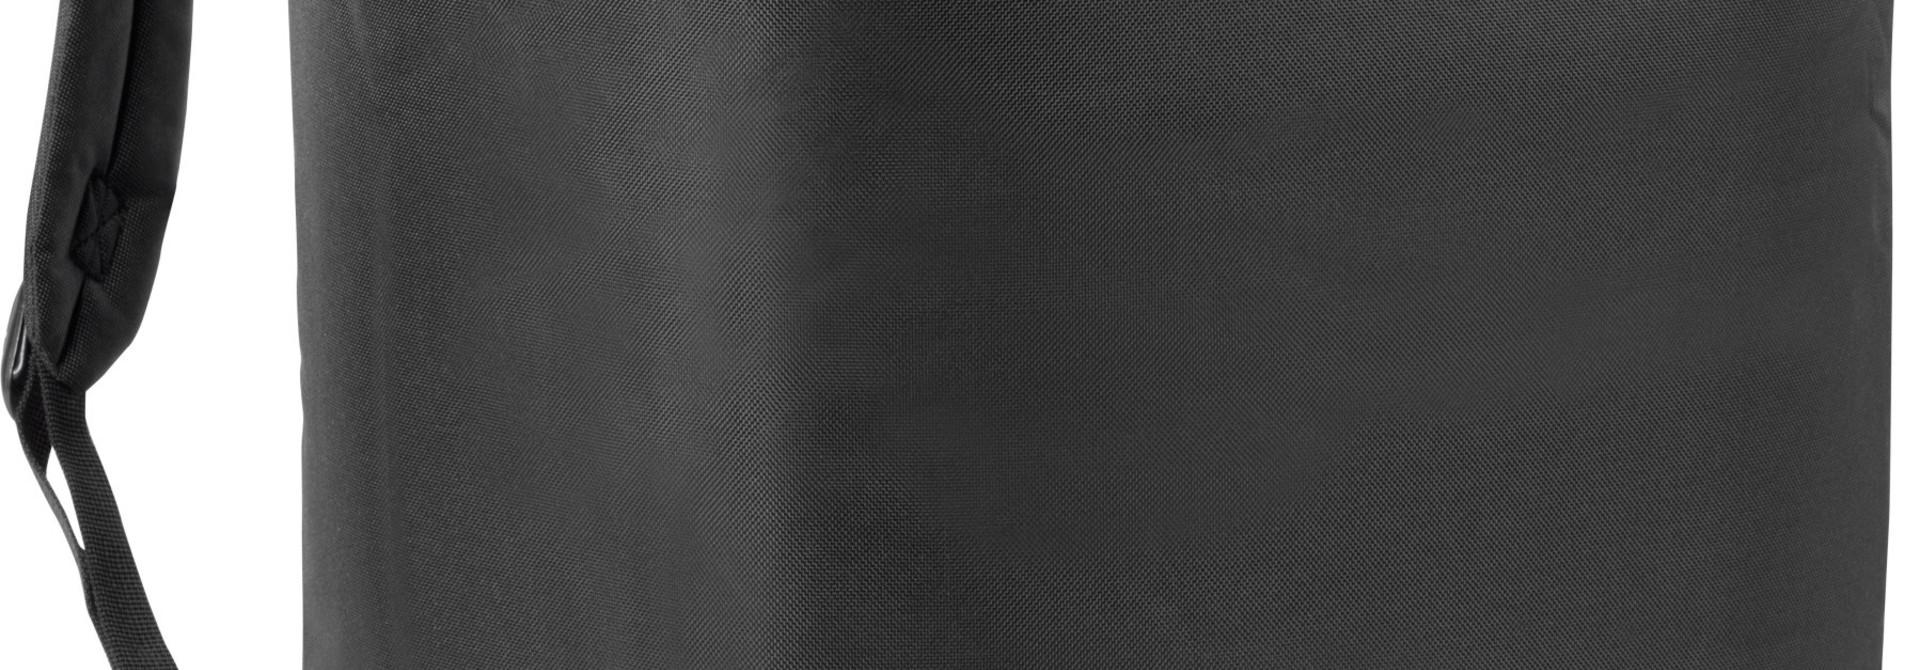 Atomic Boot & Helmet Pack Black/White